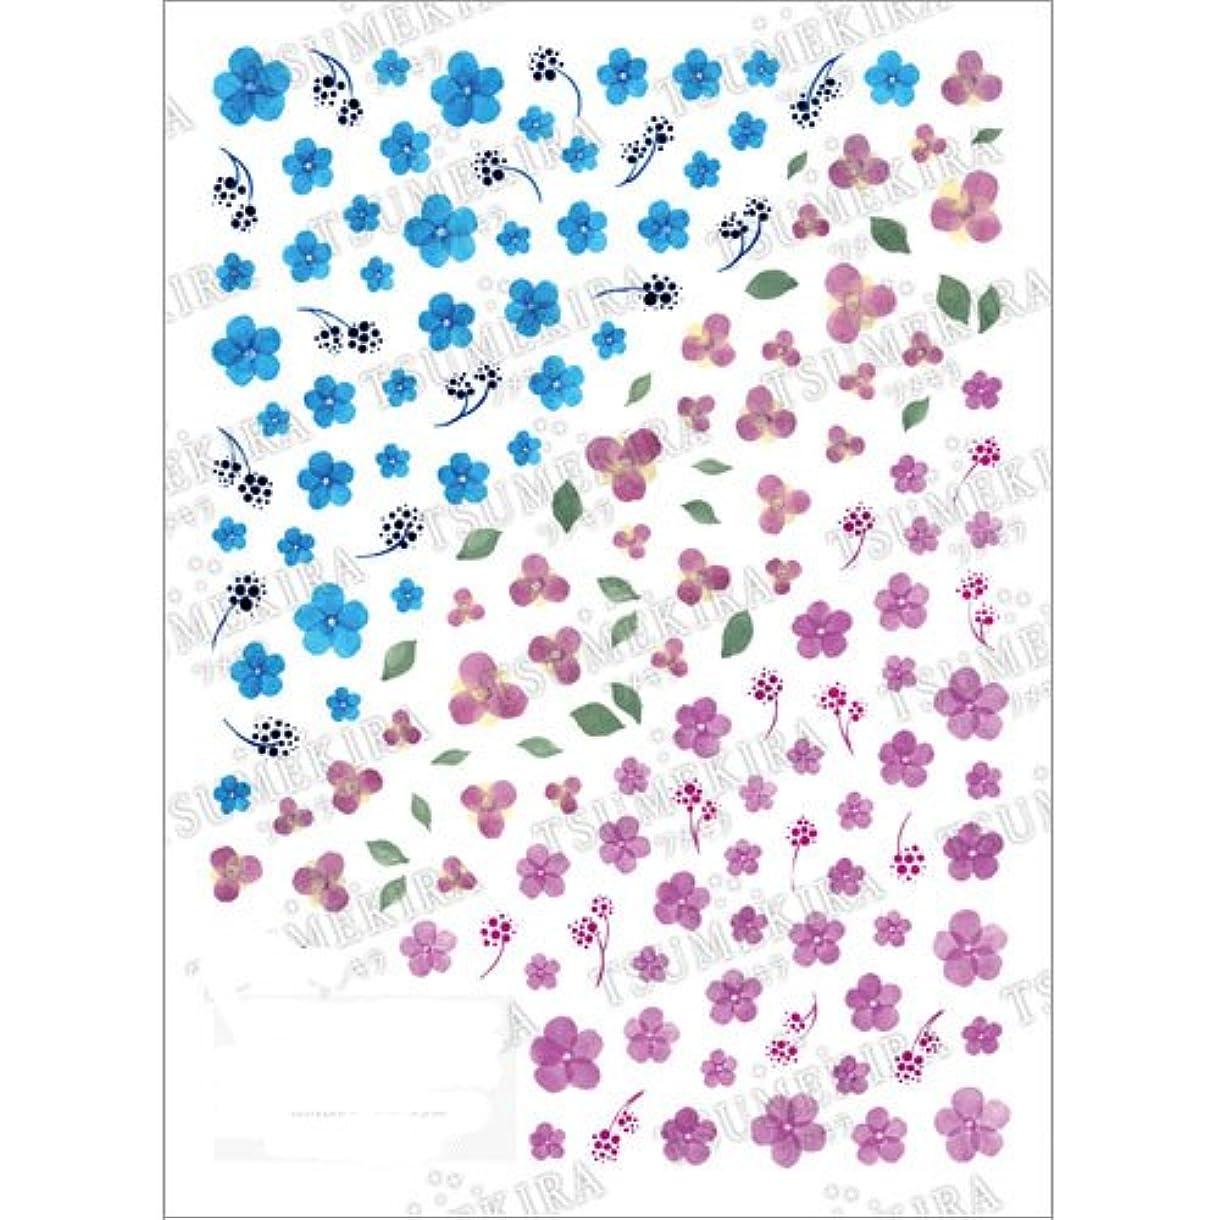 全部意欲うめきツメキラ ネイル用シール 工藤恭子プロデュース3 水彩フラワー NN-PRD-703